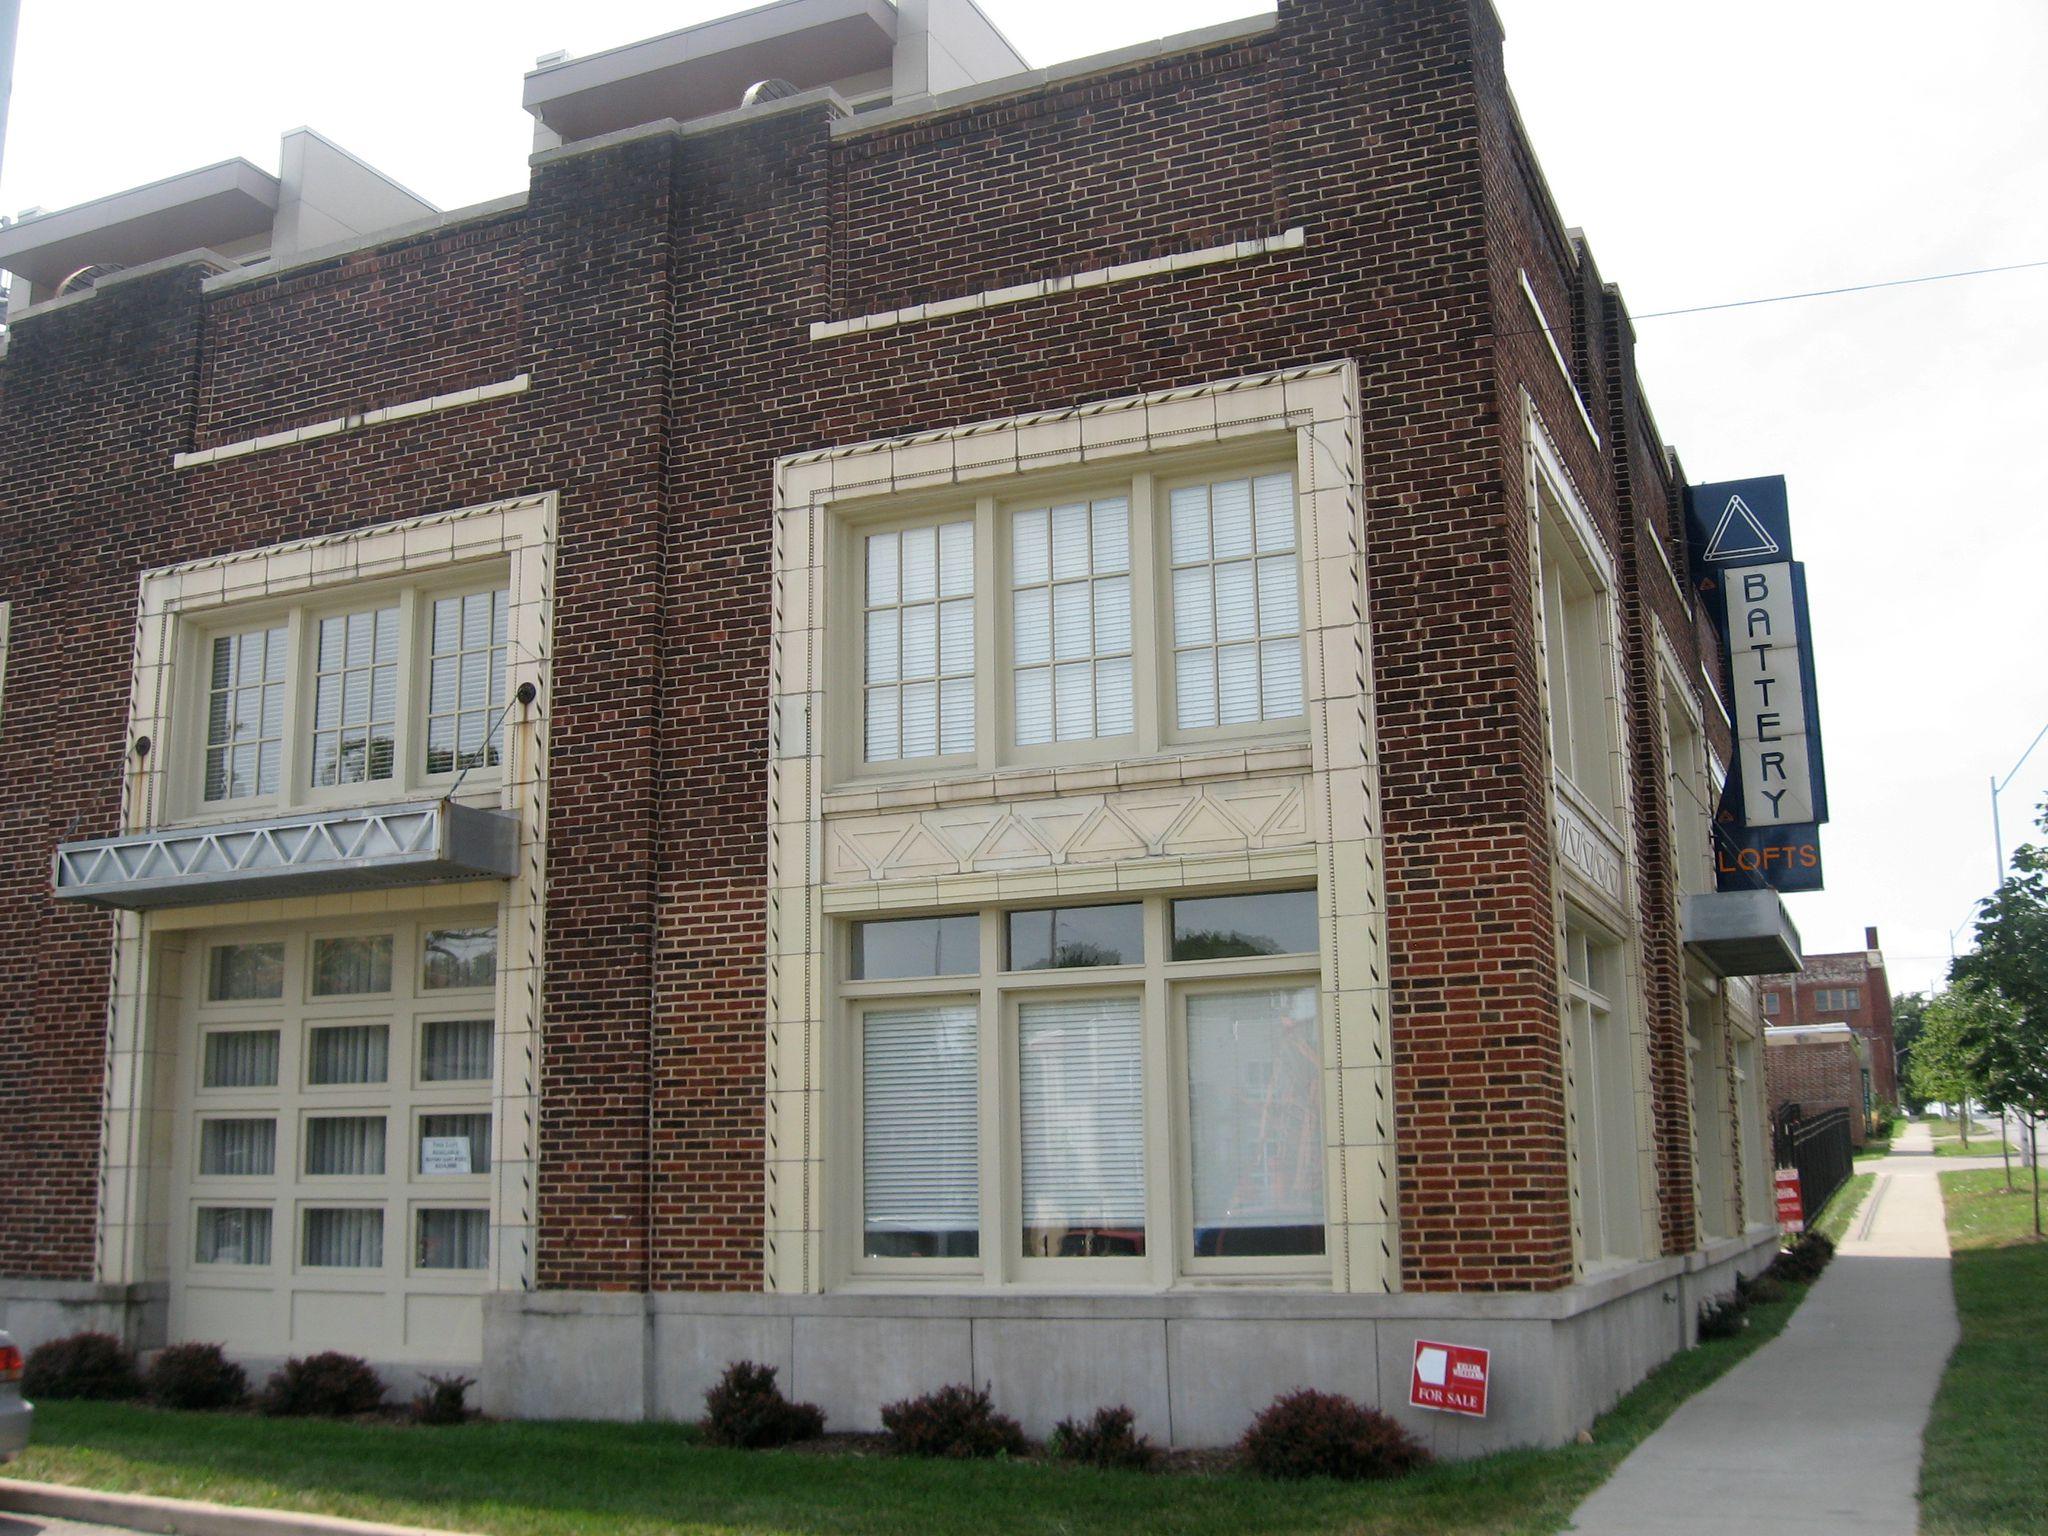 3001 Gillham Rd 201 Kansas City MO Estimate and Home